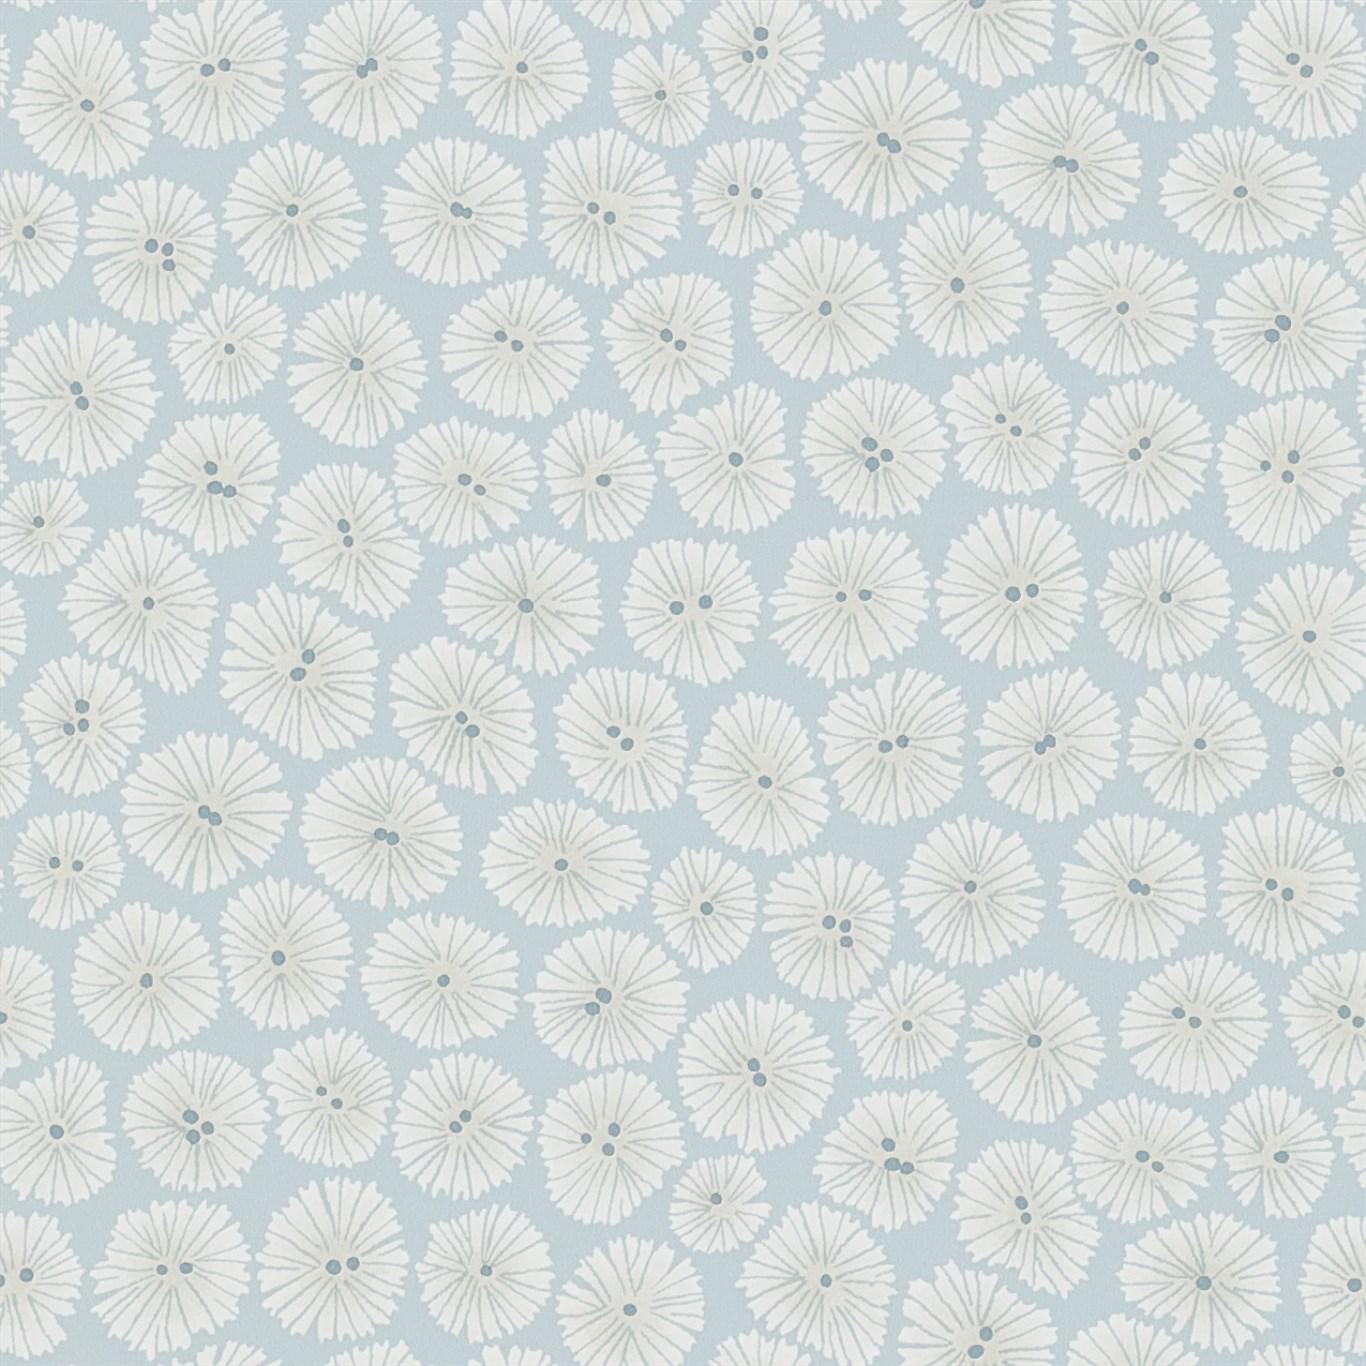 WIND FLOWERS DCHK213712